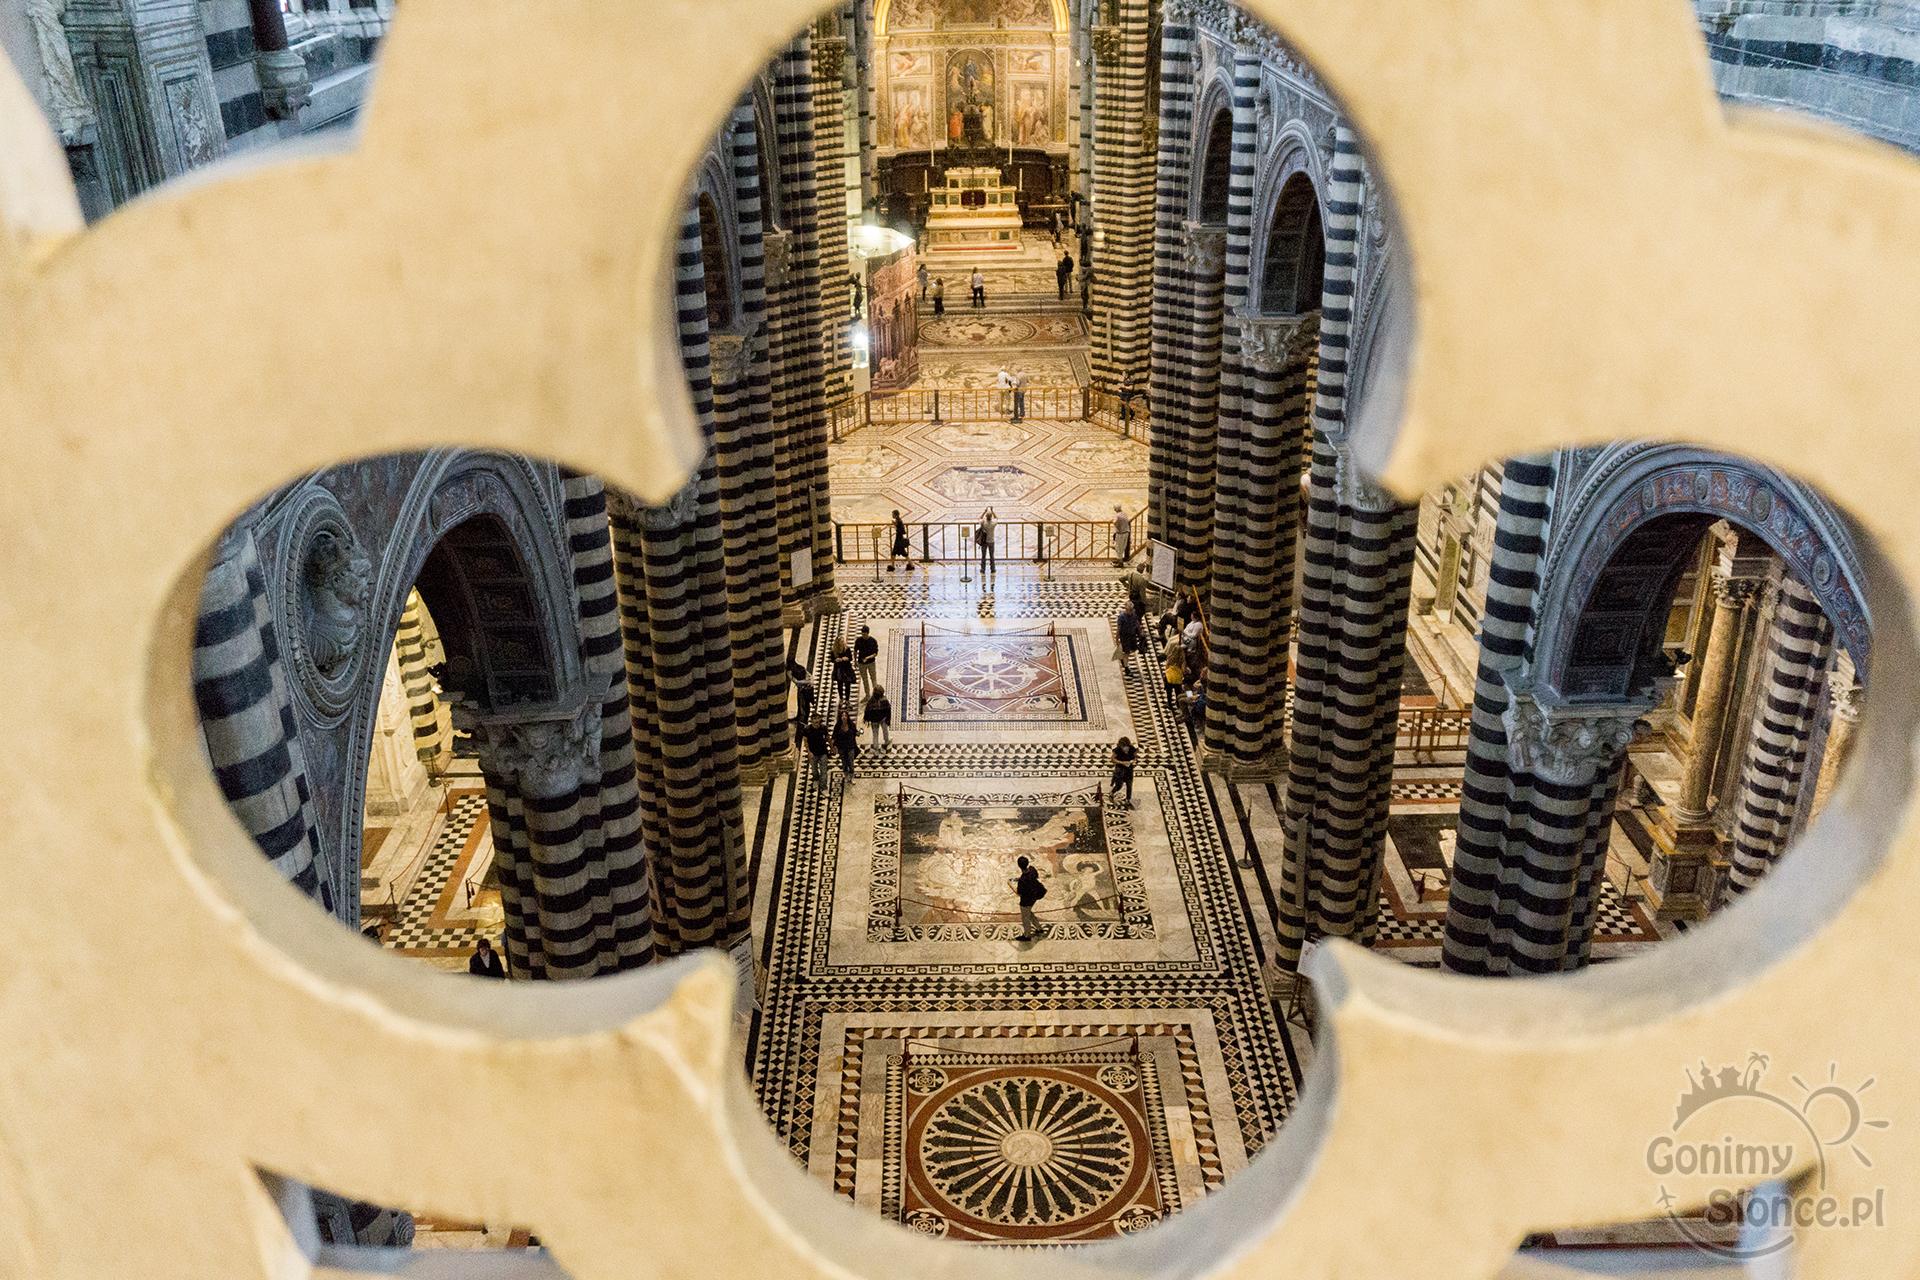 Siena, Katedra Duomo, Włochy 2017